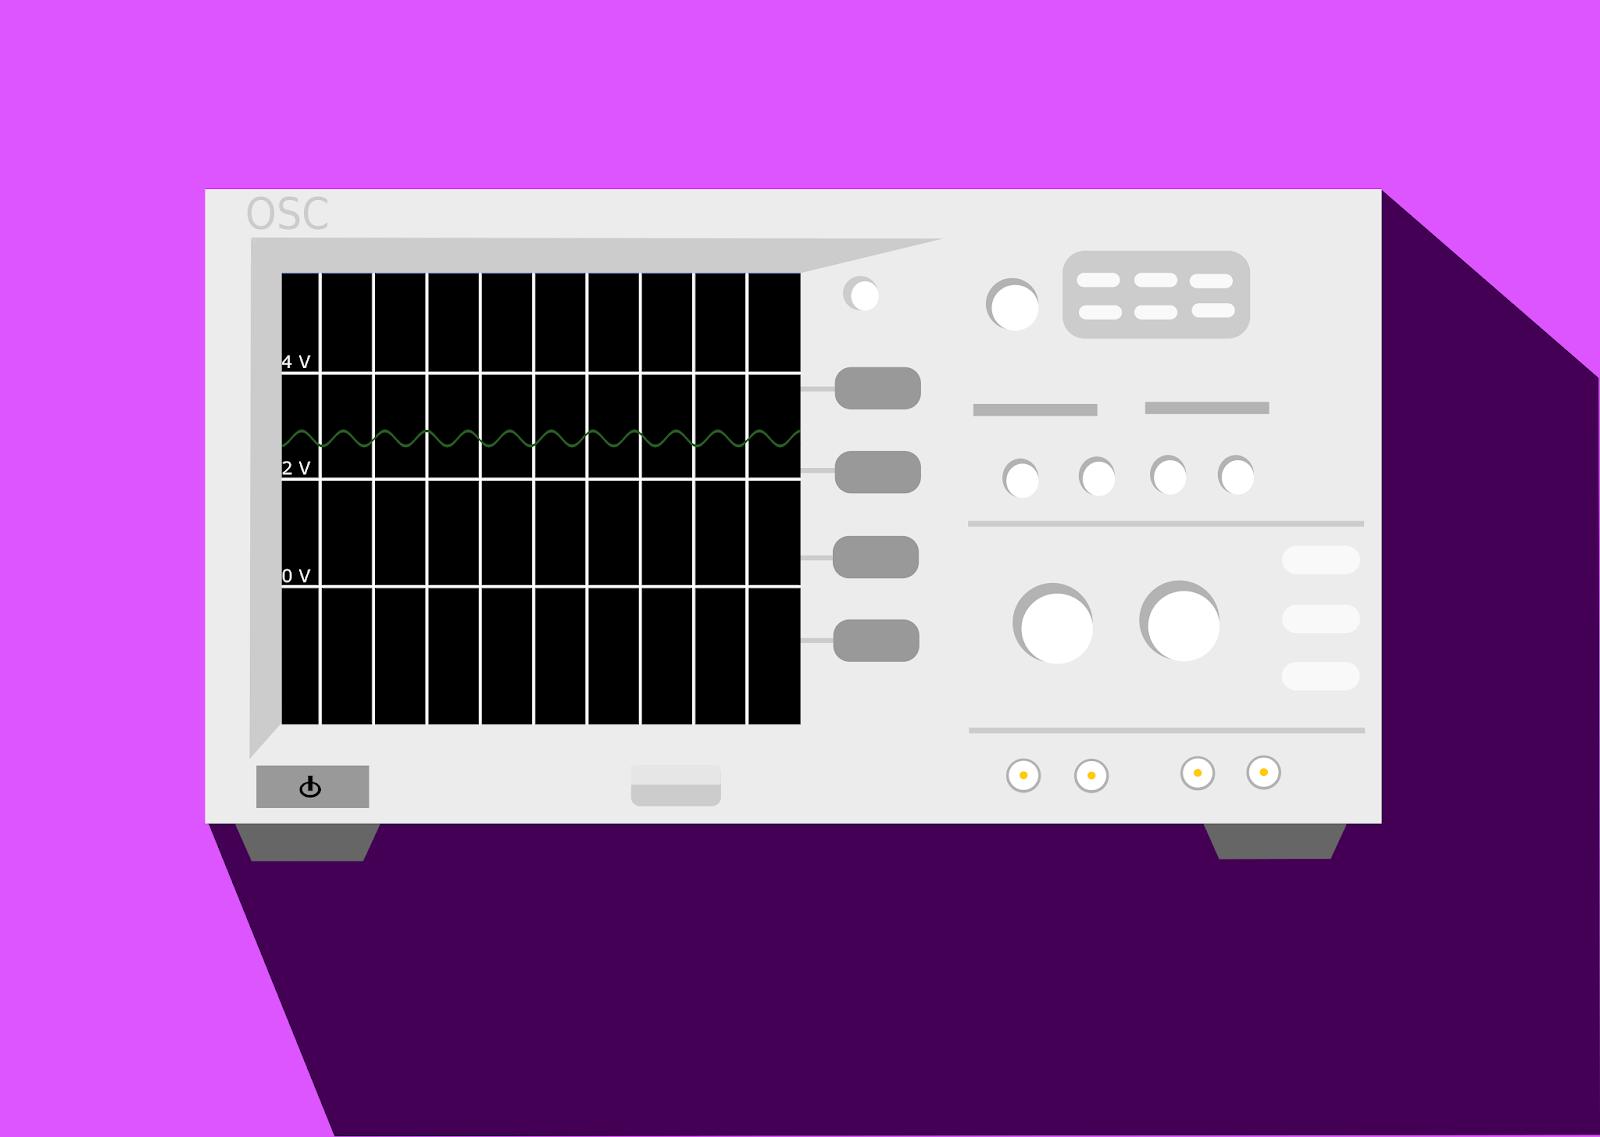 Oscilloscope affichant une tension réputée continue d'environ 2.5 V